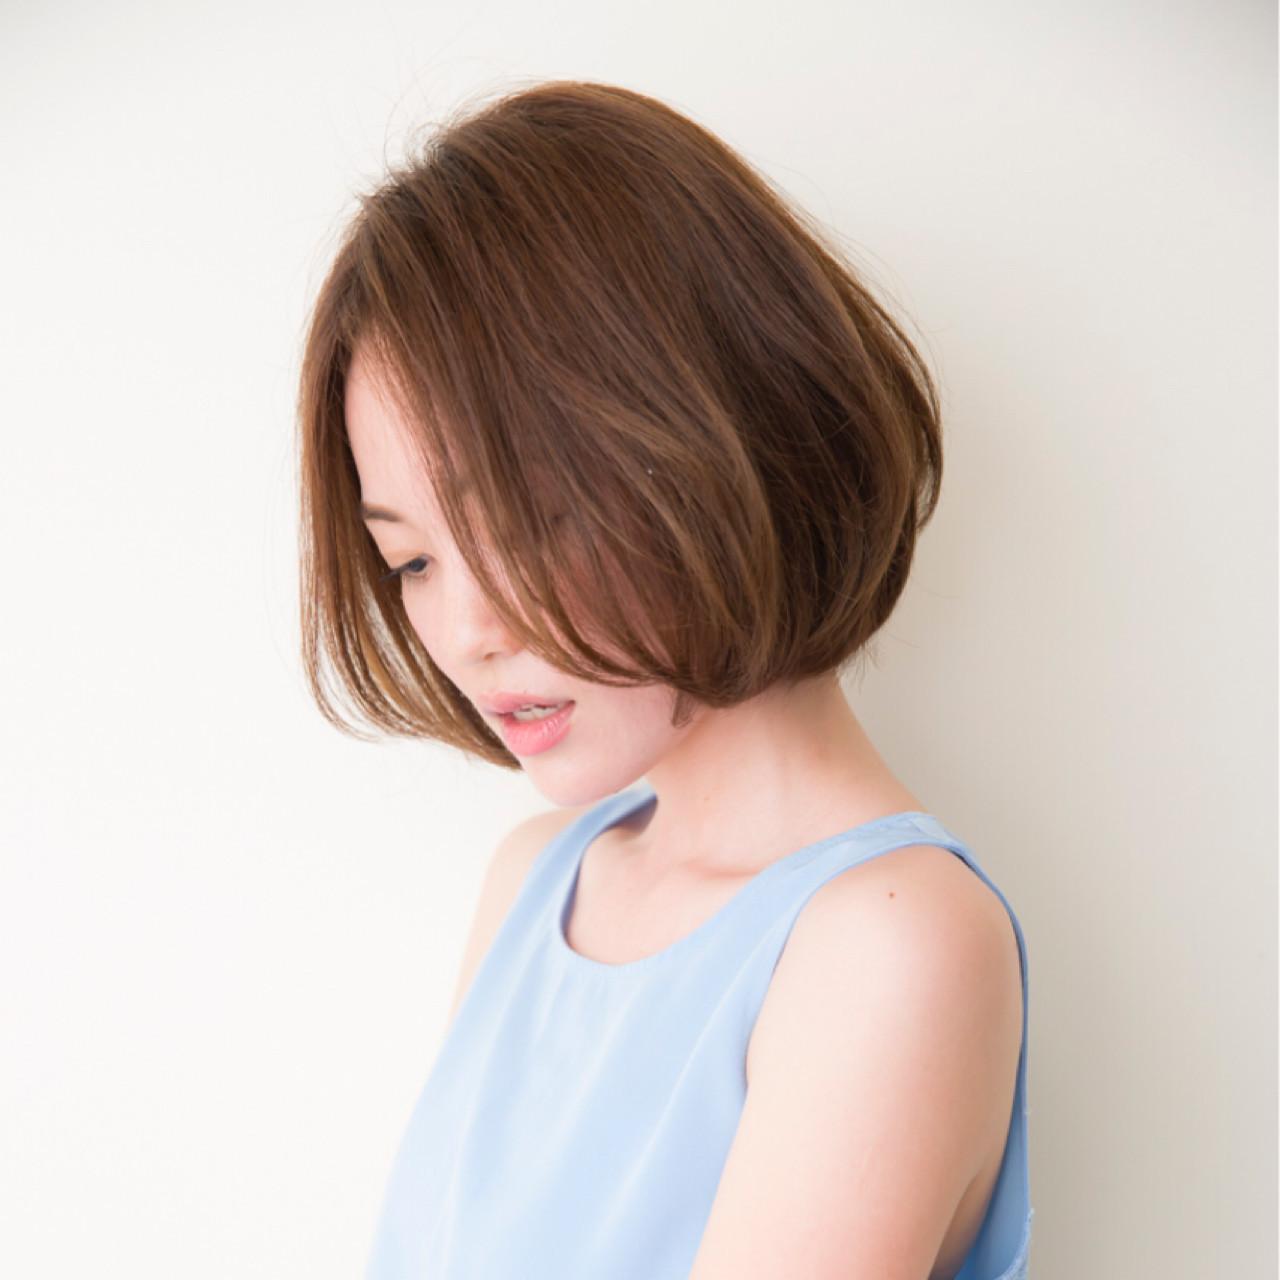 フリンジバング 簡単ヘアアレンジ ボブ パーマ ヘアスタイルや髪型の写真・画像